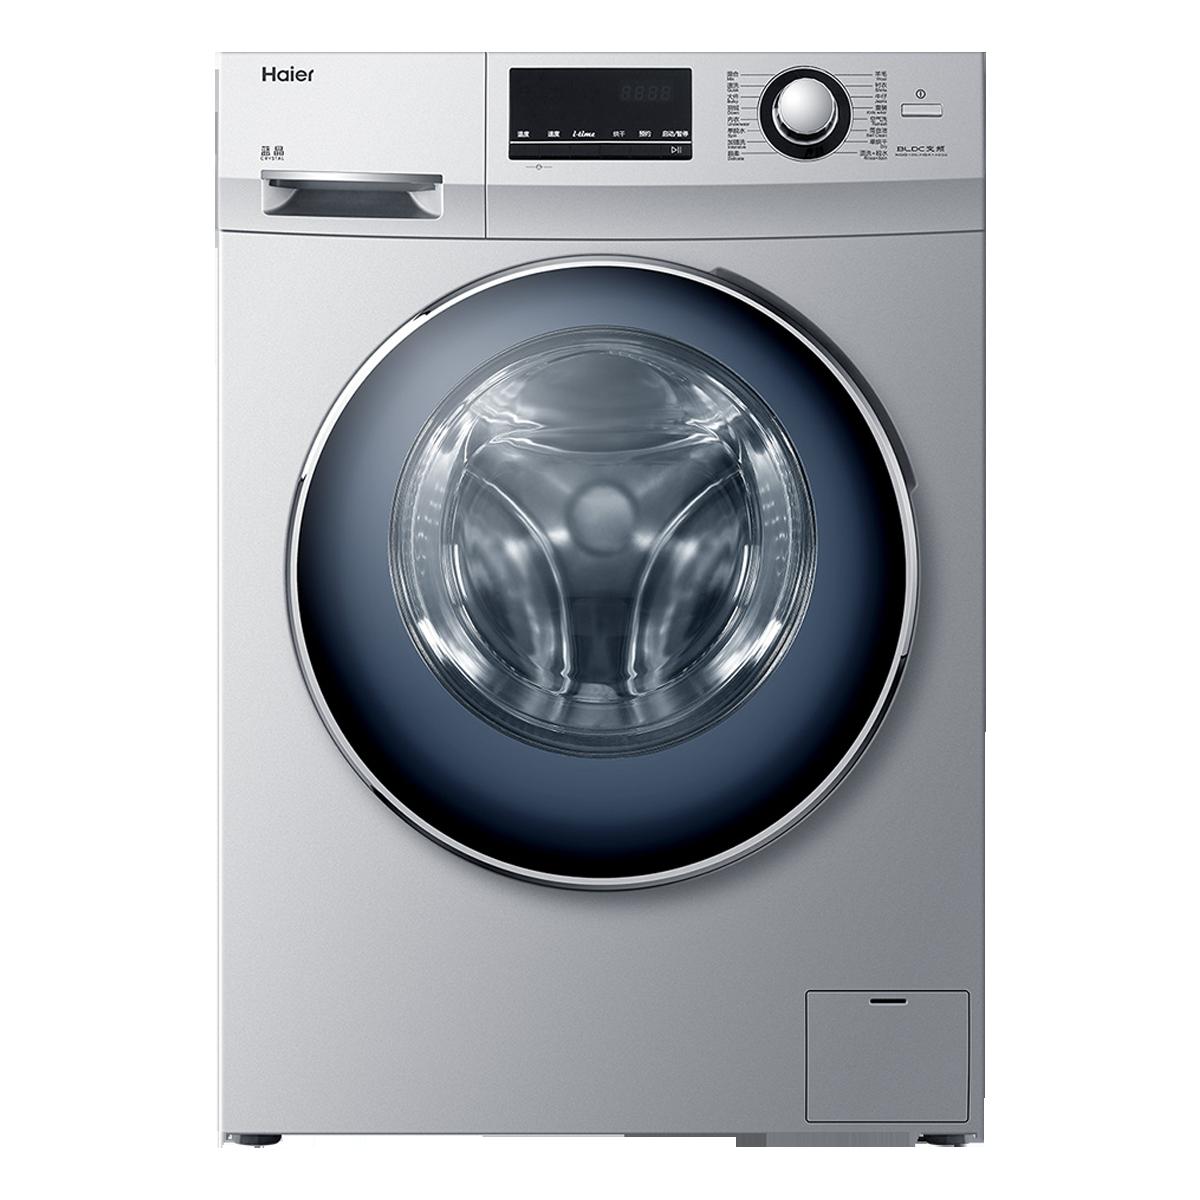 海尔Haier洗衣机 XQG100-HBX14636 说明书